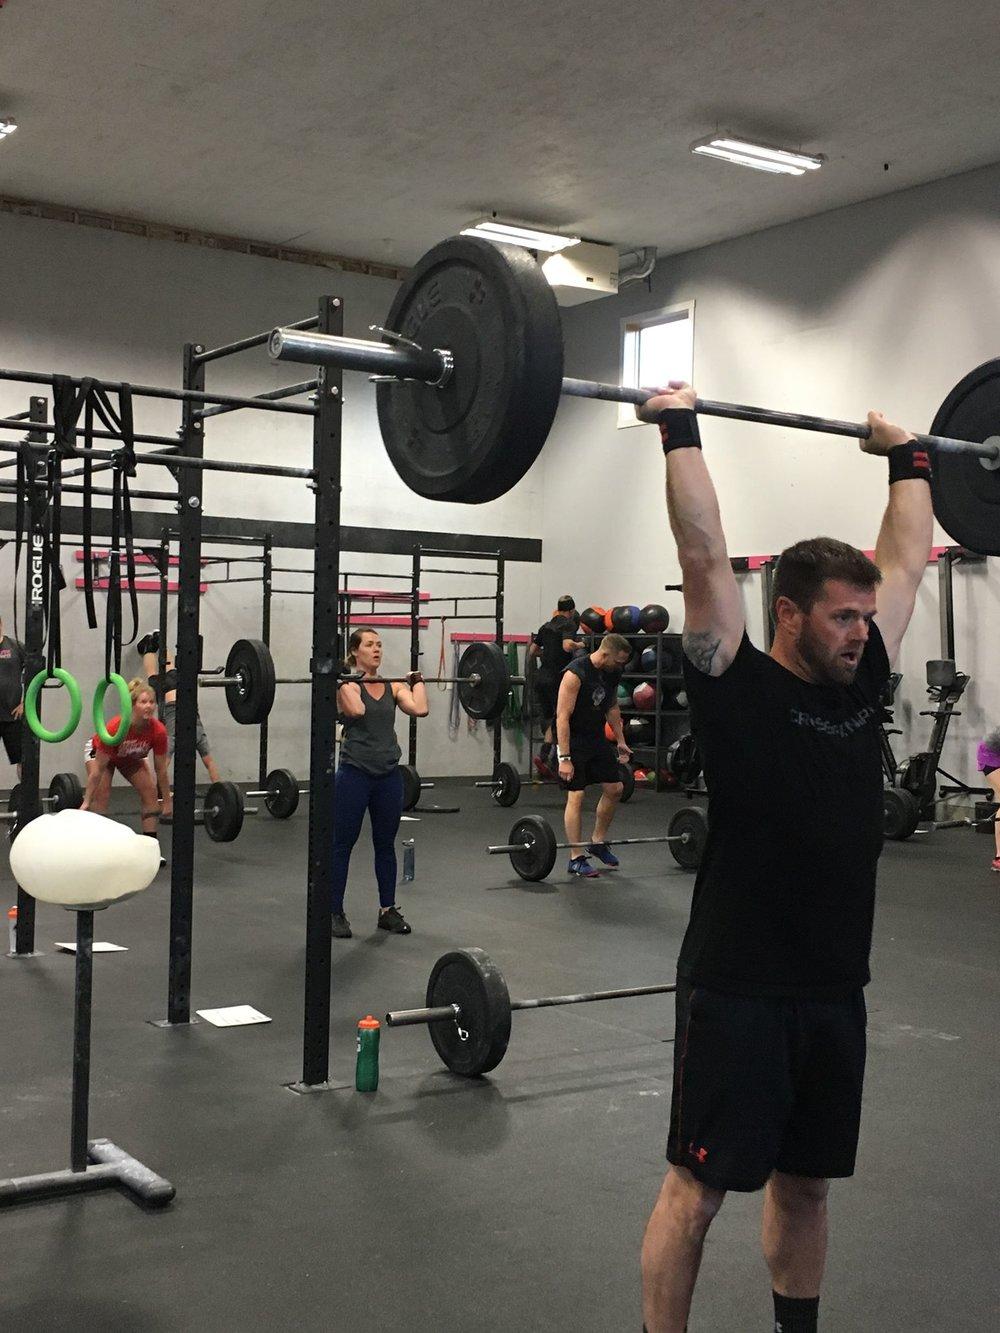 Darek is strong!